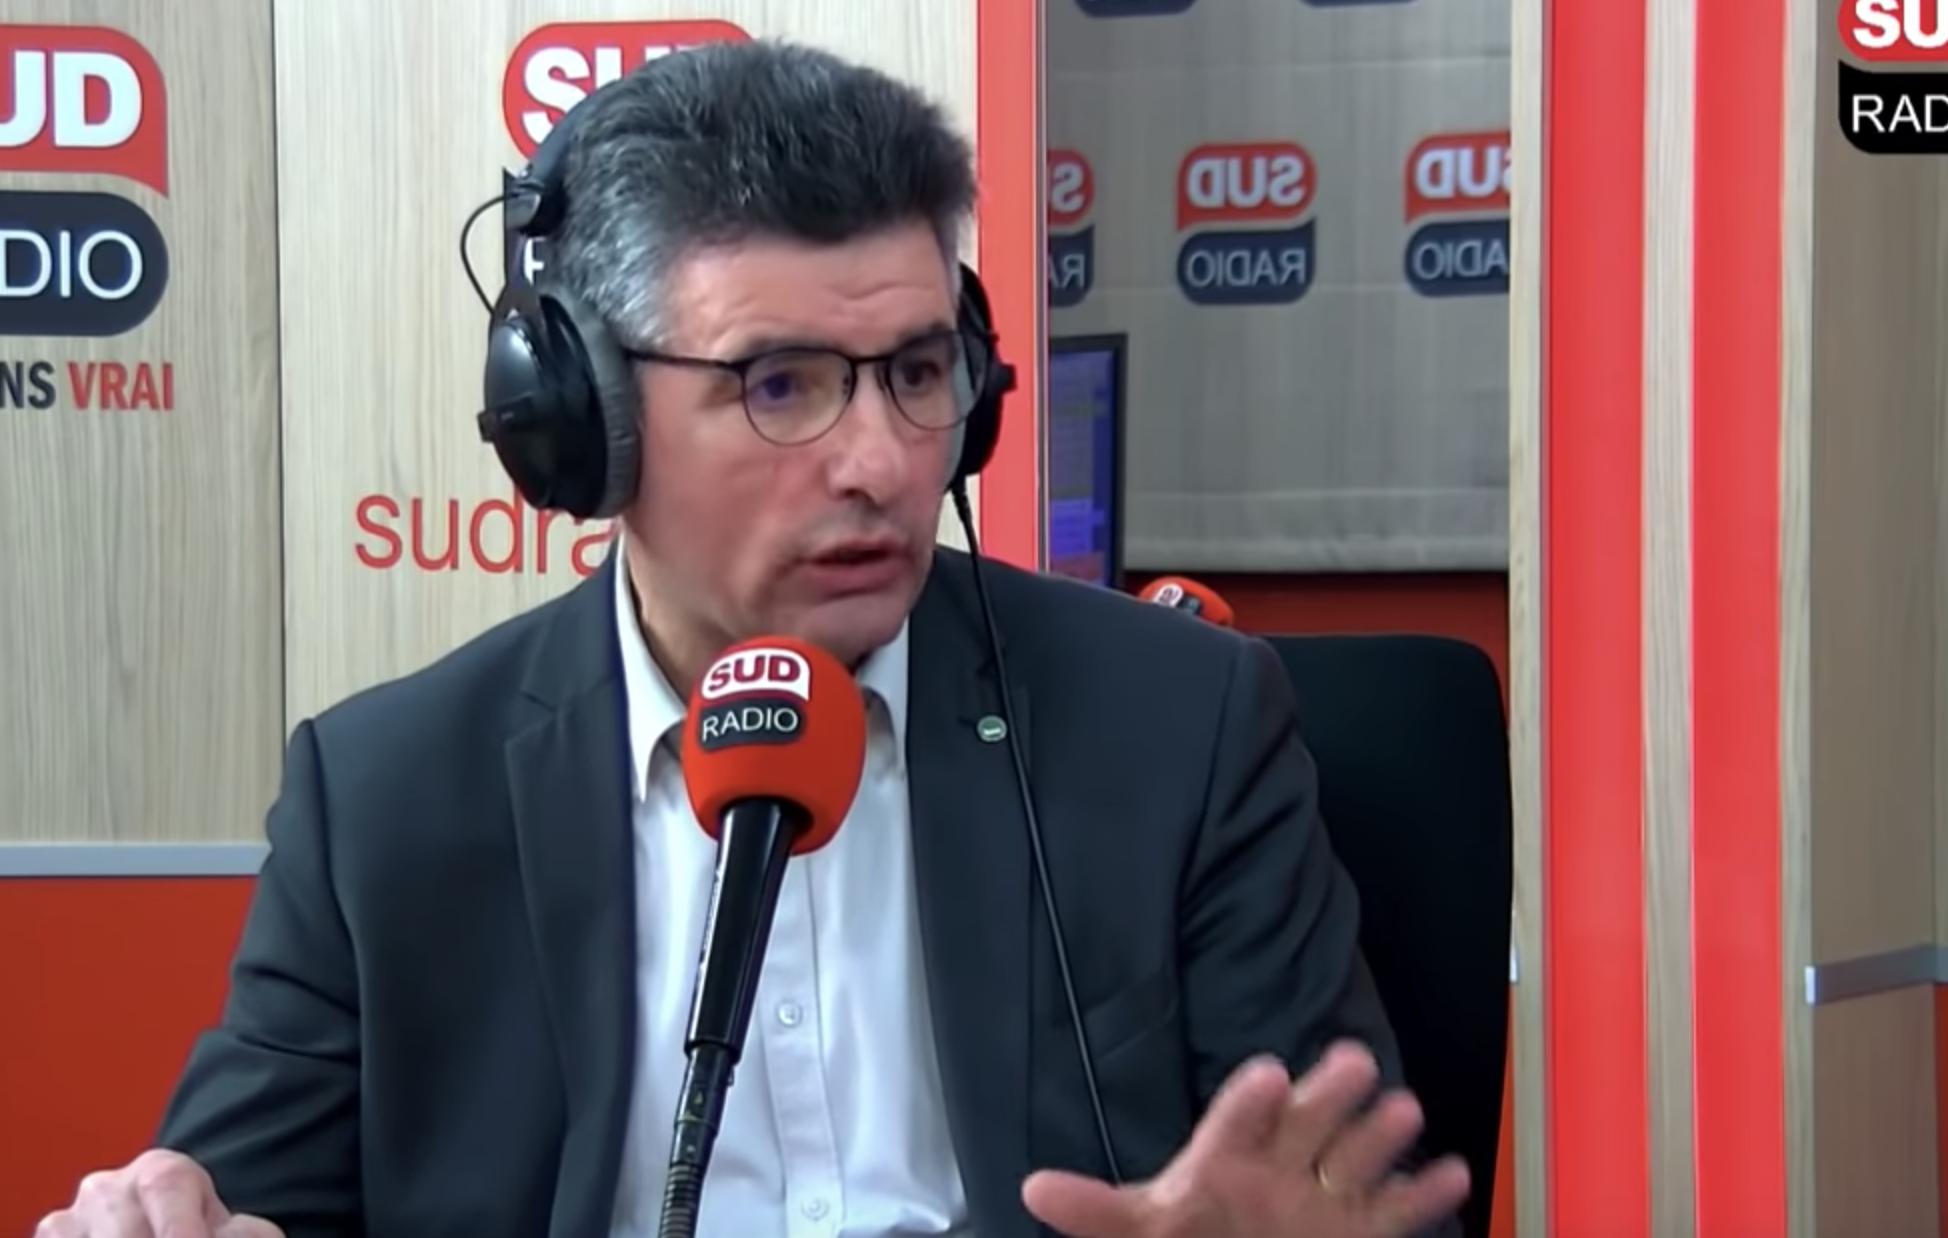 Nouvelle baisse des revenus agricoles en 2019 : Macron abandonne t-il les agriculteurs ?